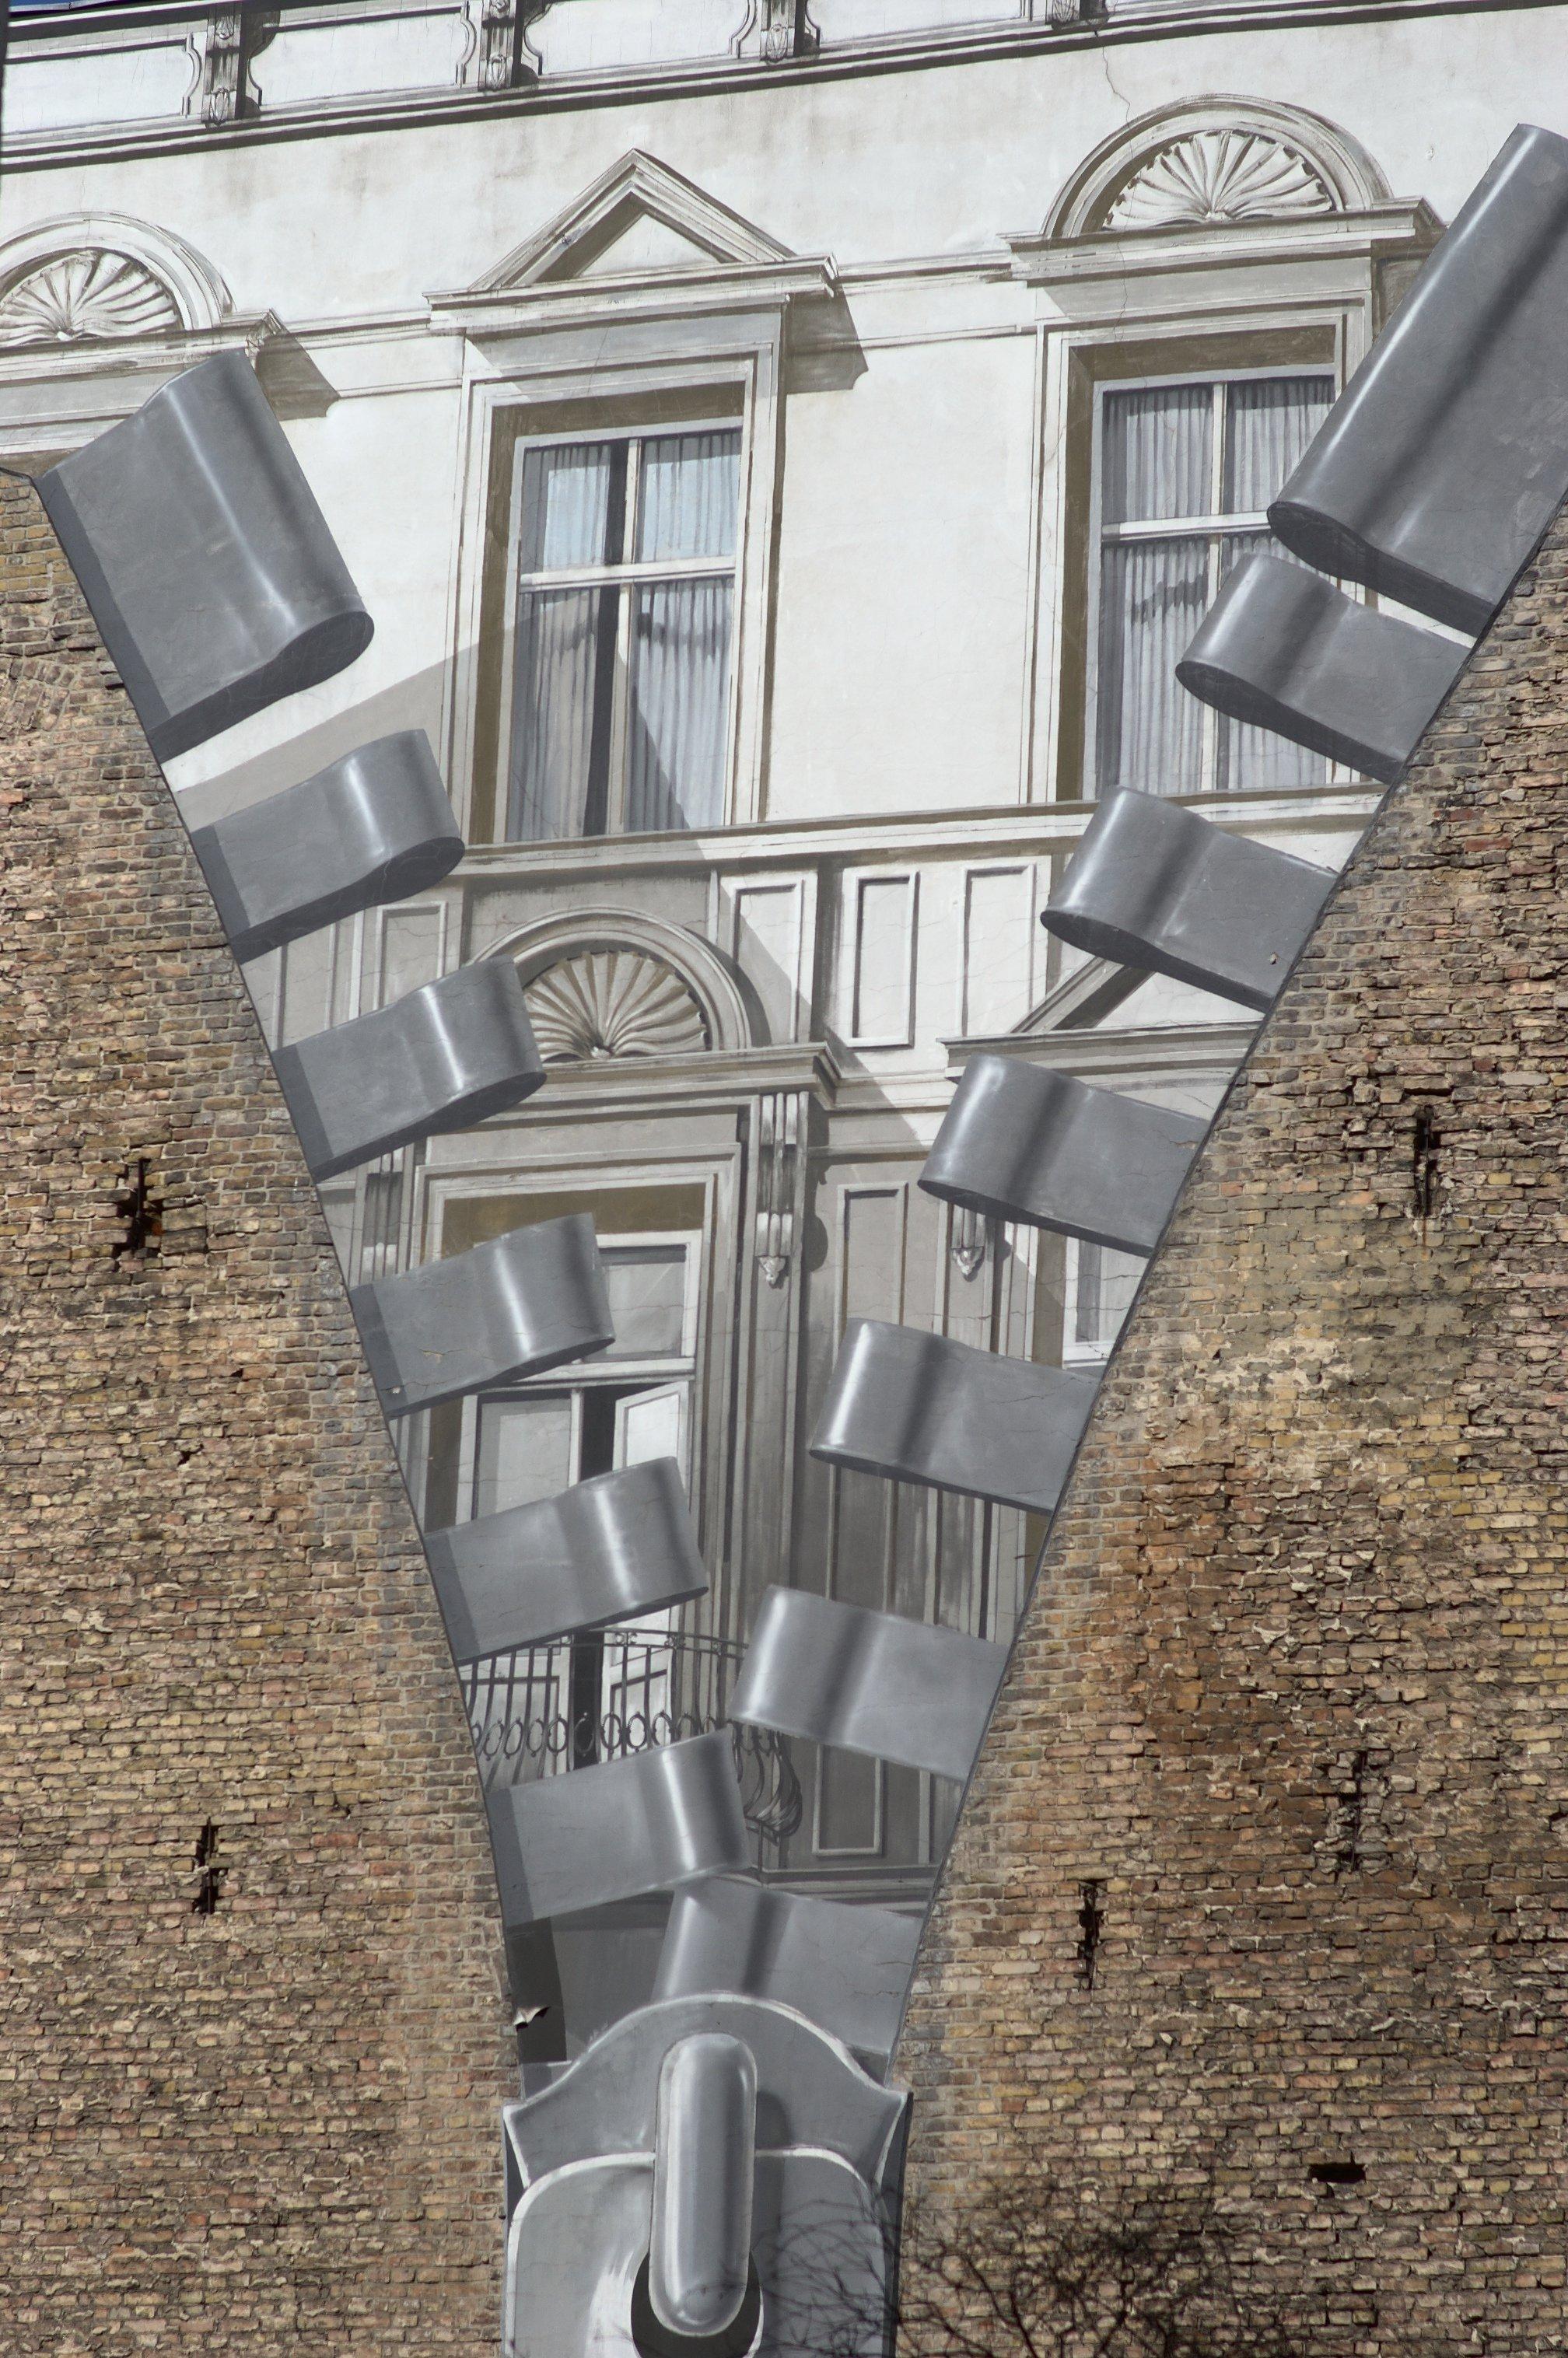 無料画像 建築 構造 窓 ルーフ 壁 カラム ファサード 街路灯